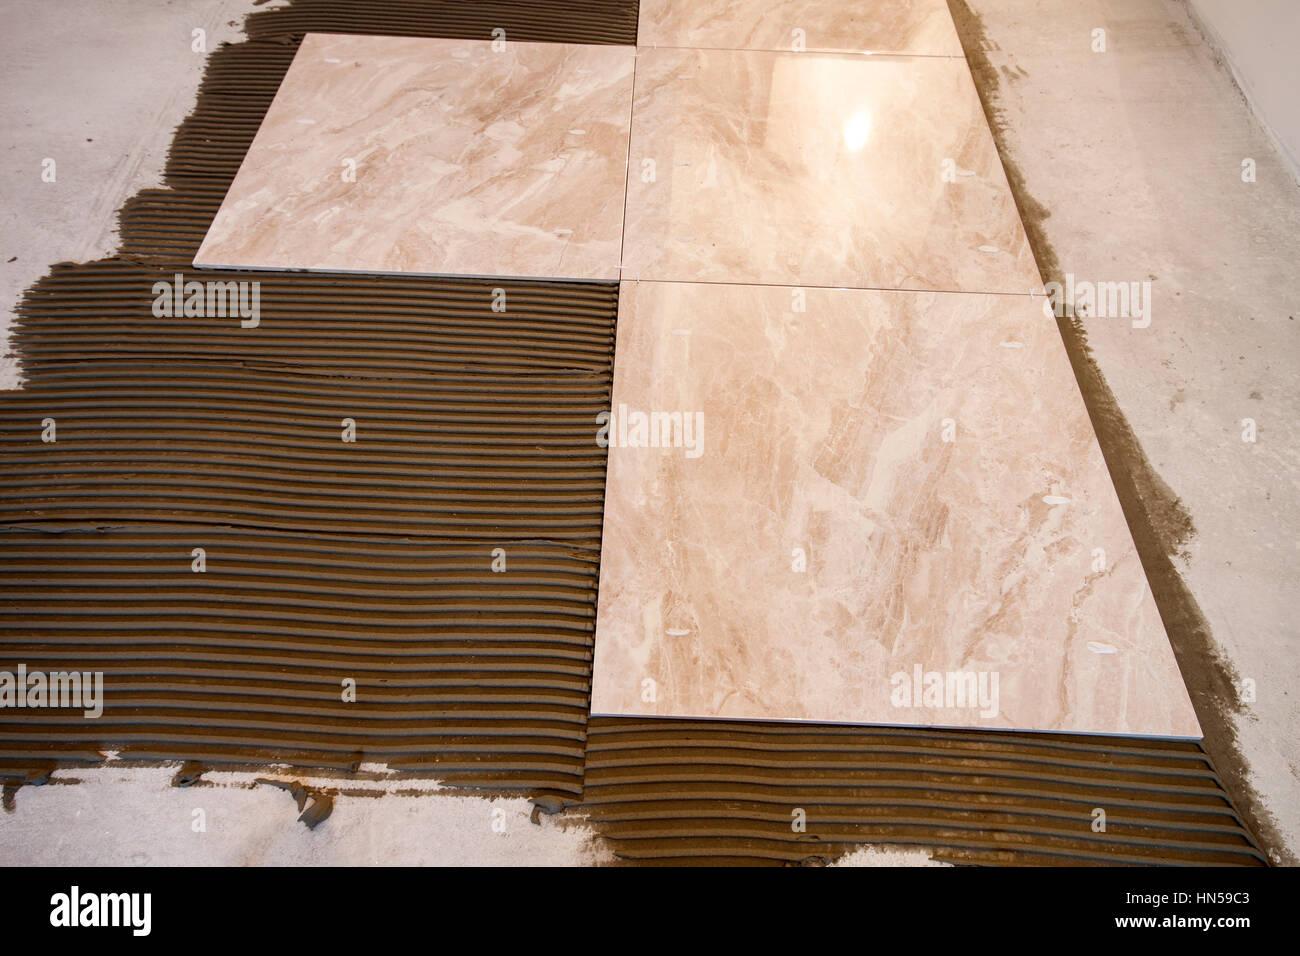 Ceramic tiles and tools for tiler floor tiles installation home ceramic tiles and tools for tiler floor tiles installation home improvement renovation doublecrazyfo Gallery